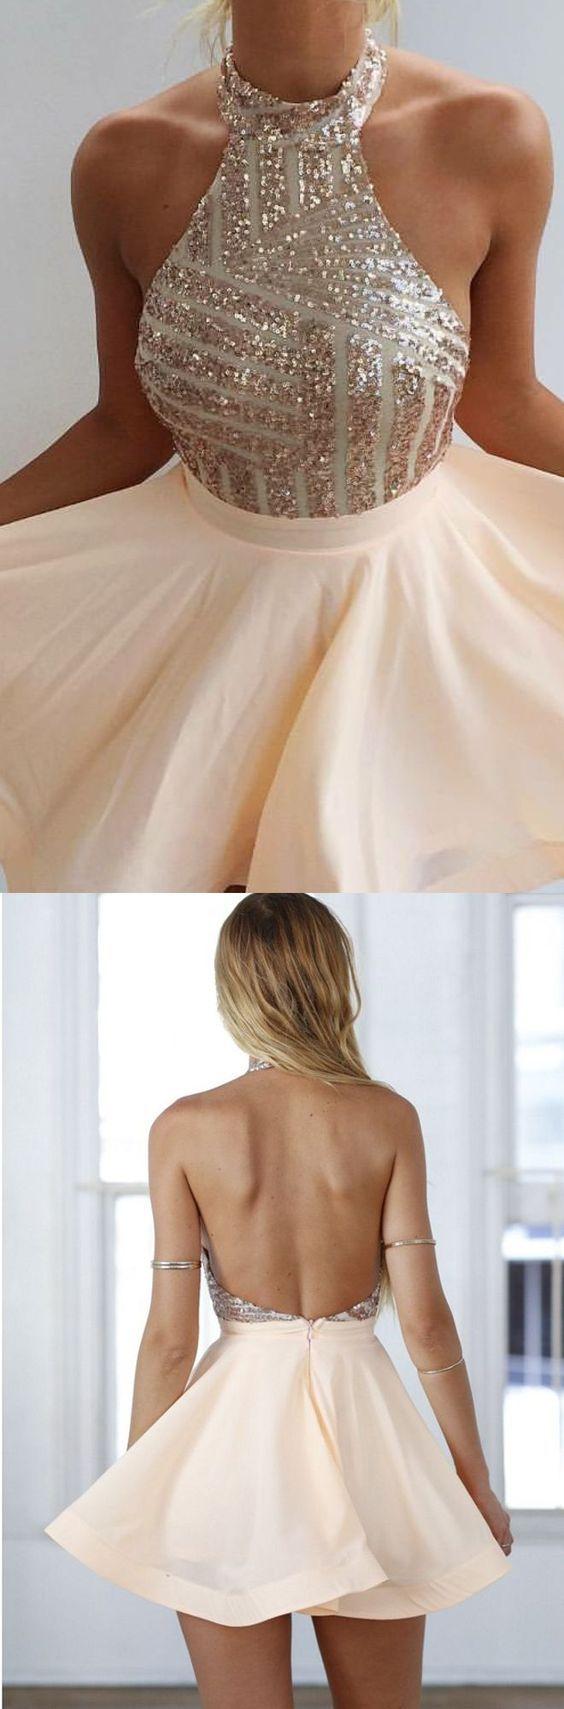 best images about kjoler on pinterest long sleeve prom dresses